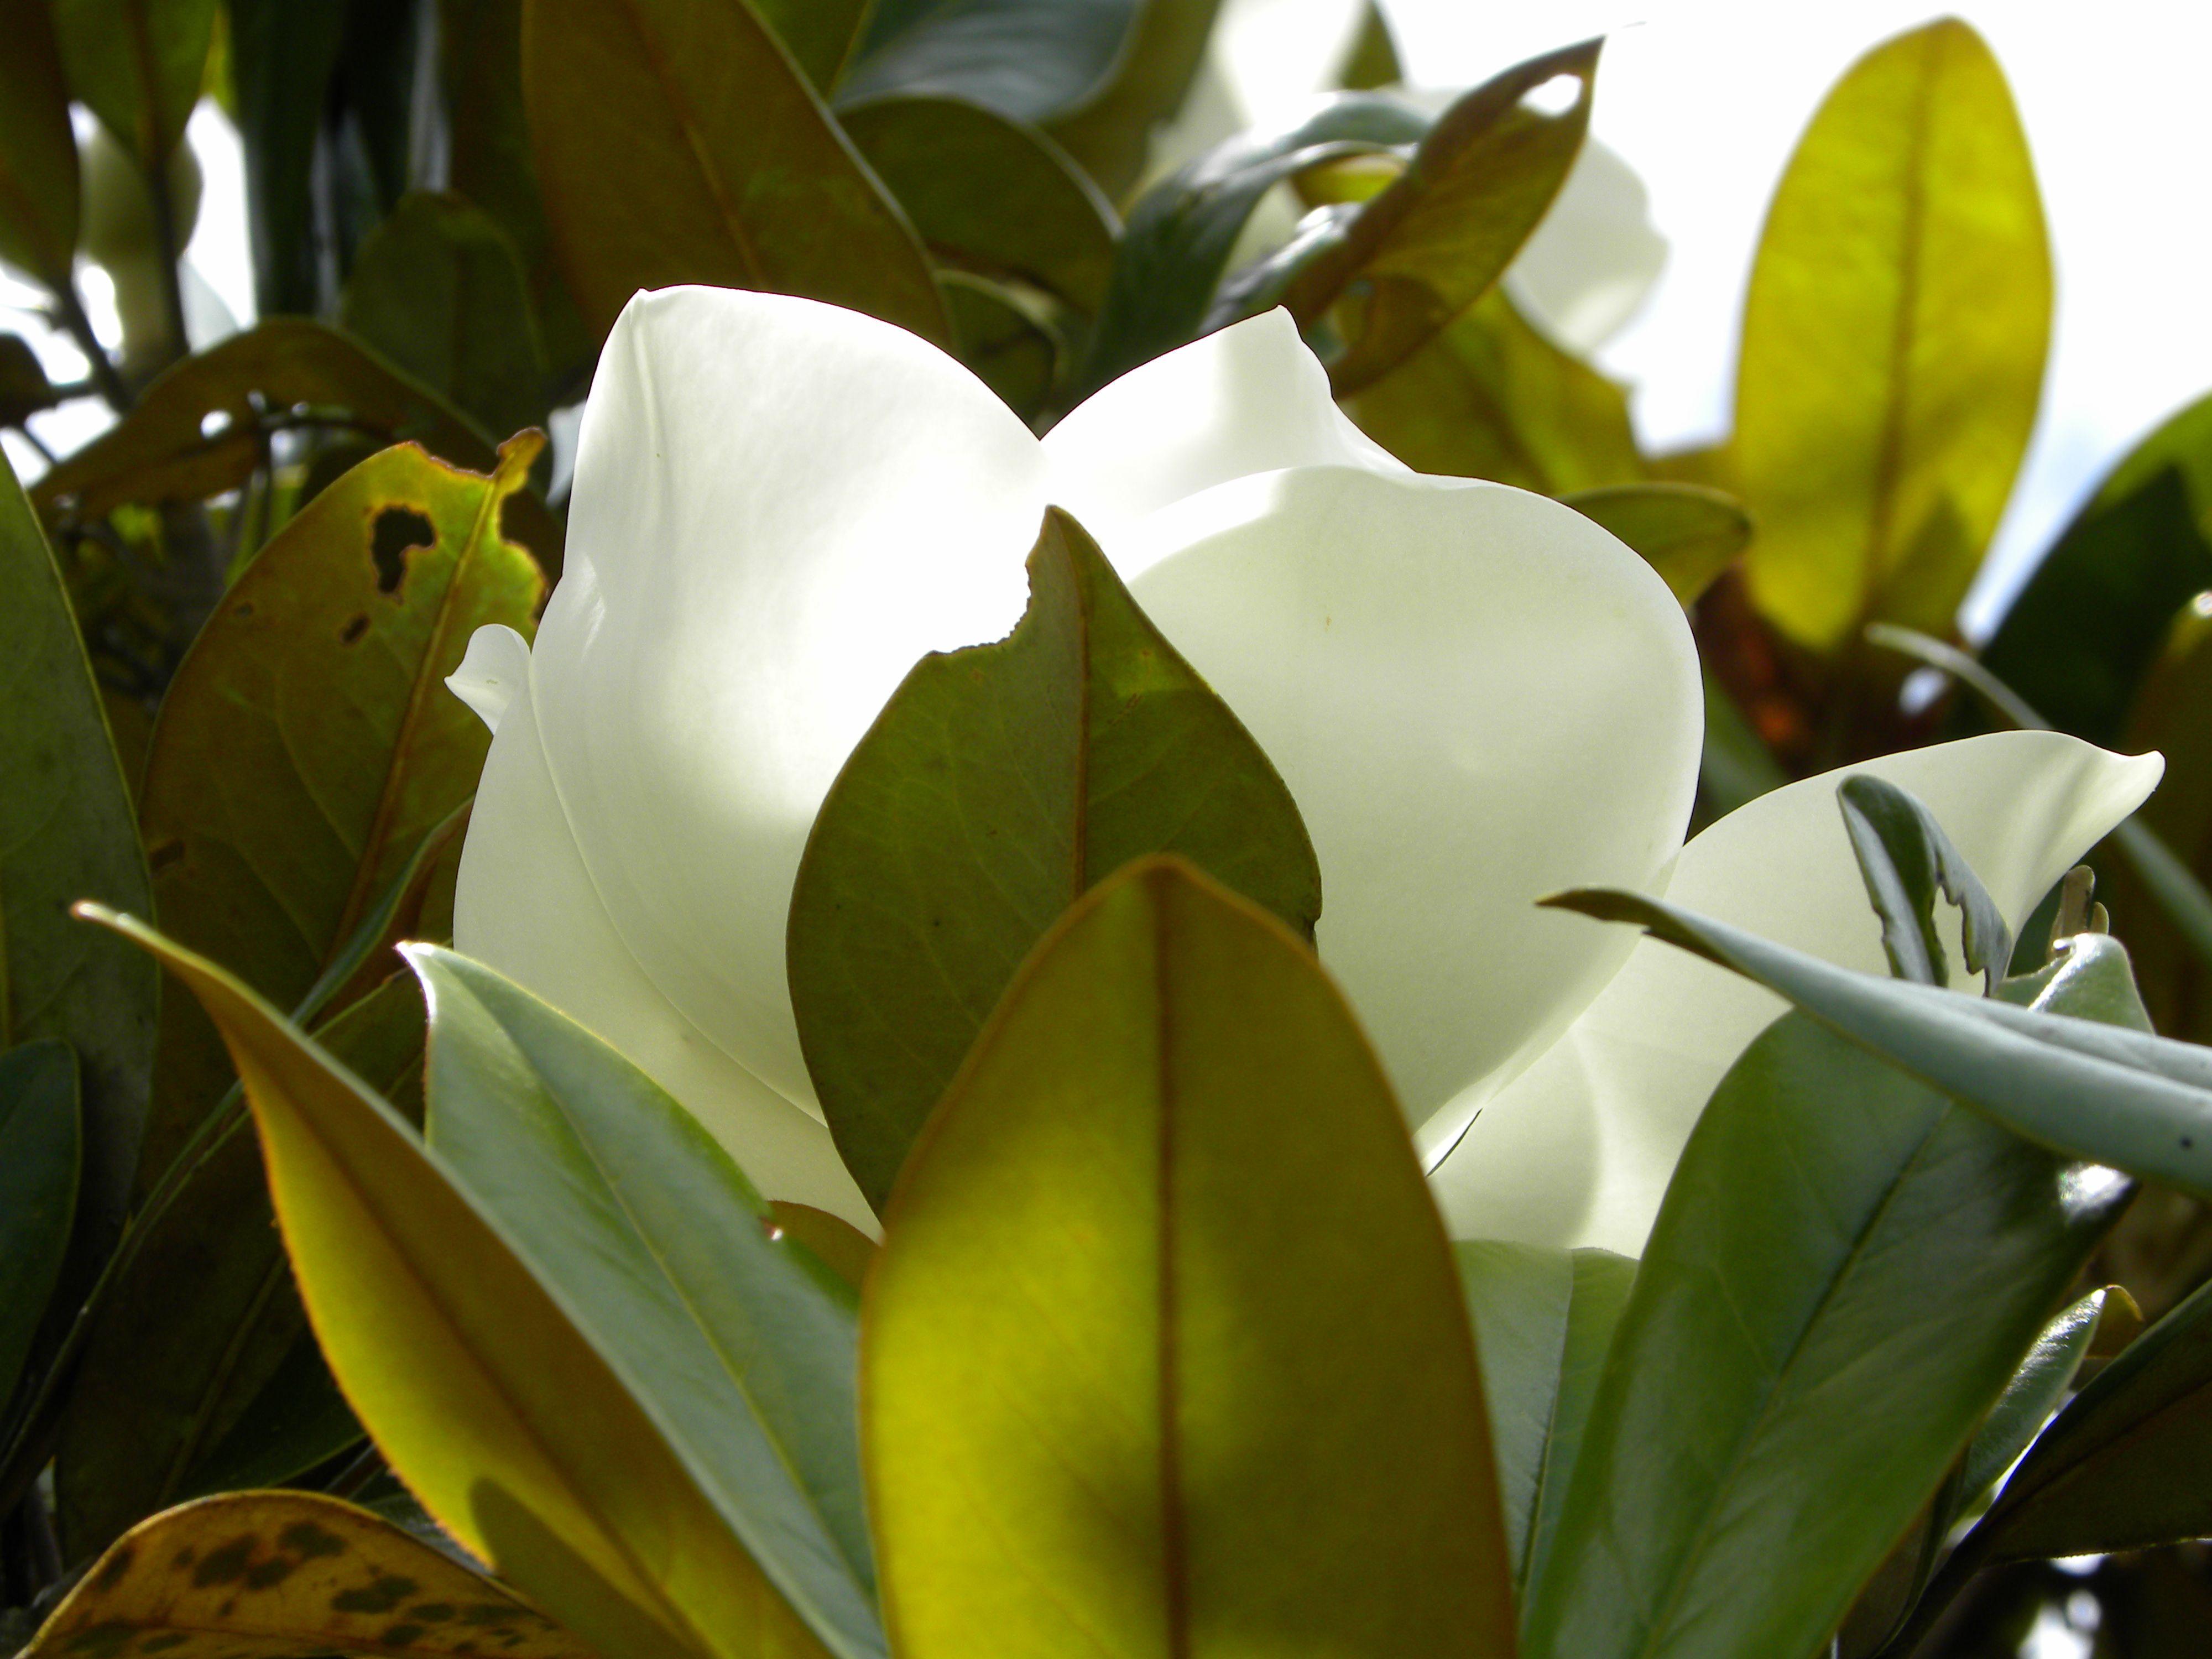 Magnolia: flor blanca grande muy bonita que crece en el arbol del magnolio